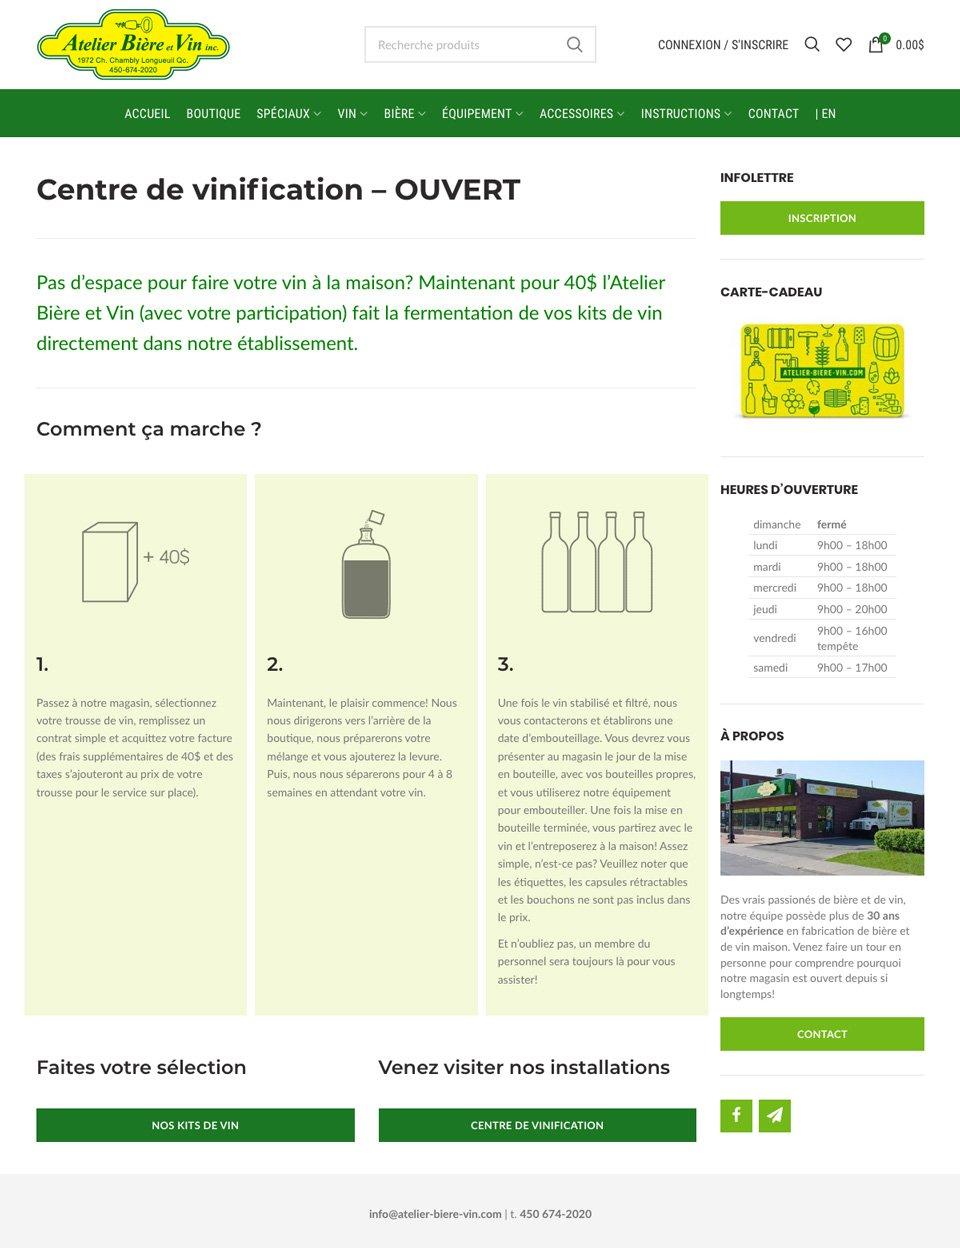 atelier-biere-vin-site-web-page-centre-vinification Atelier Bière et Vin - Site Web